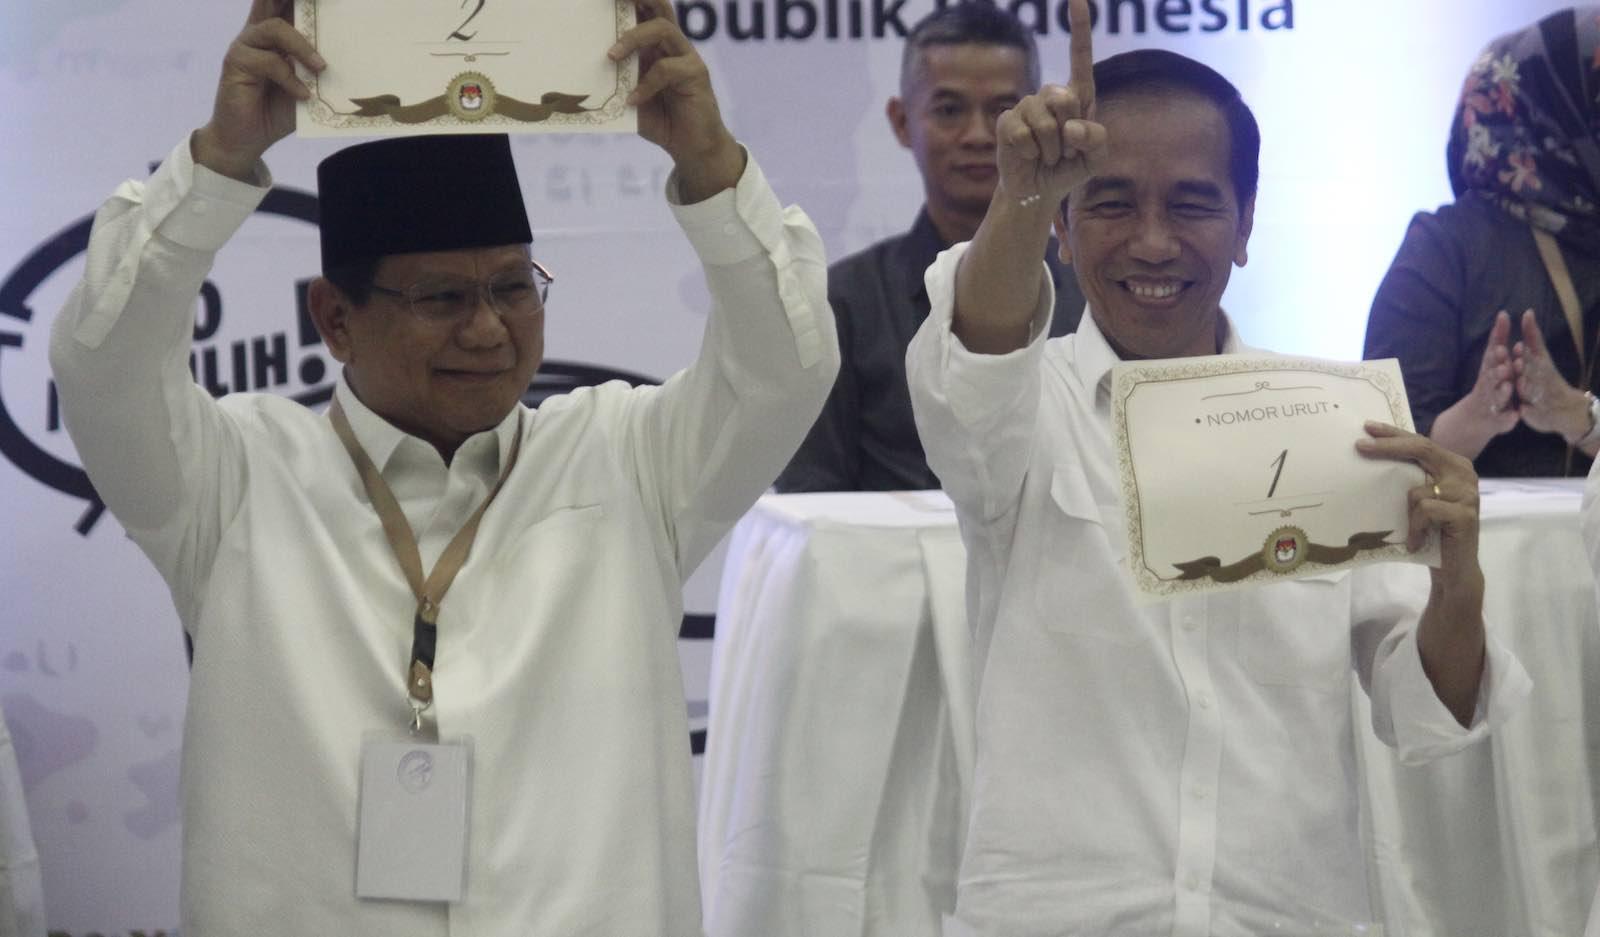 Indonesian President Joko Widodo (right) and candidate Prabowo Subianto draw ballot numbers in September (Photo: Aditya Irawan via Getty)